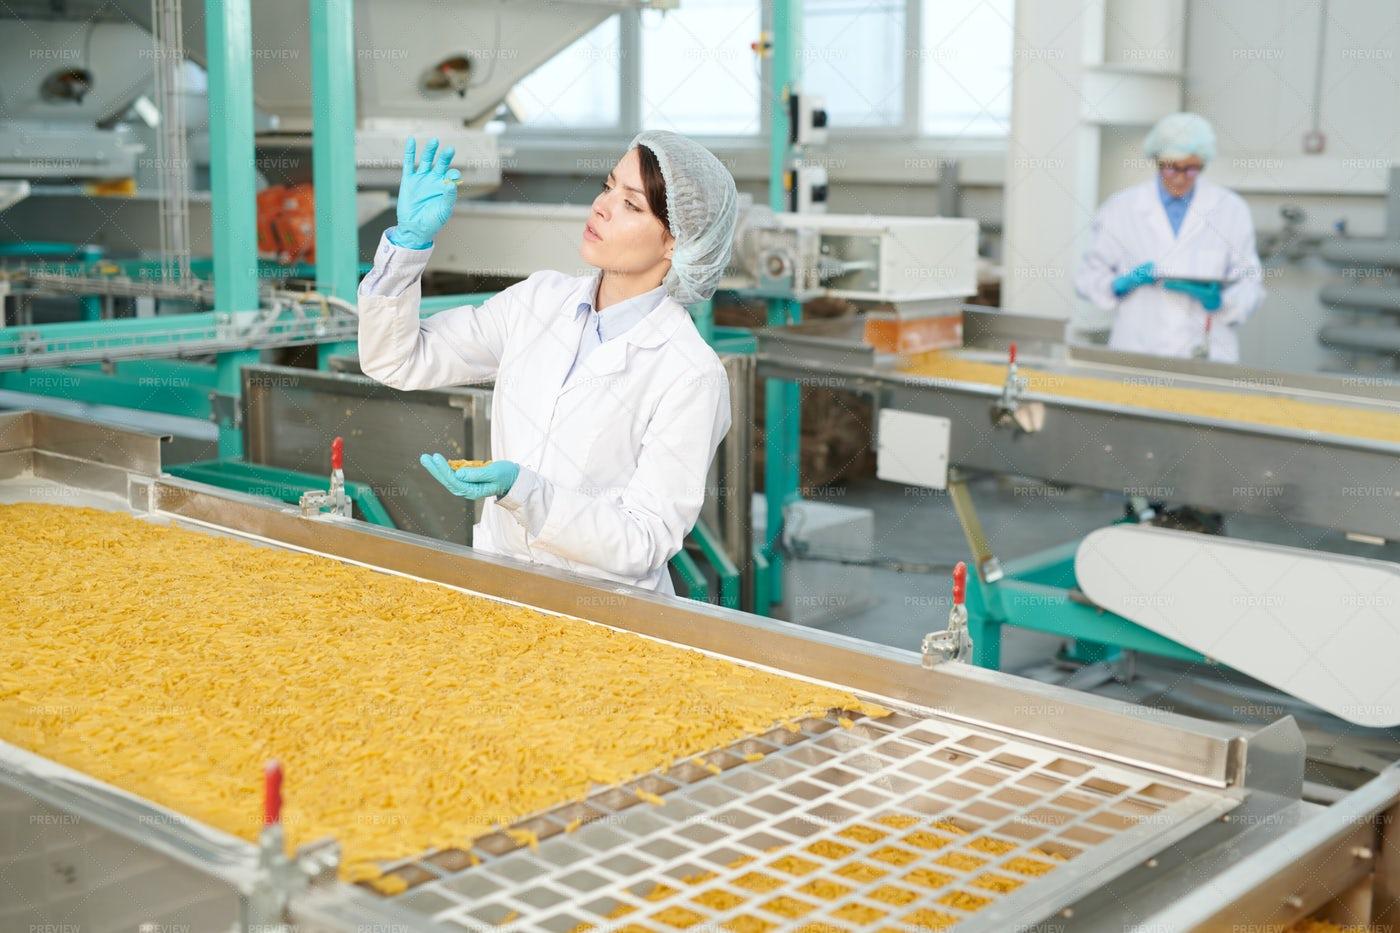 Young Woman At Food Conveyor: Stock Photos